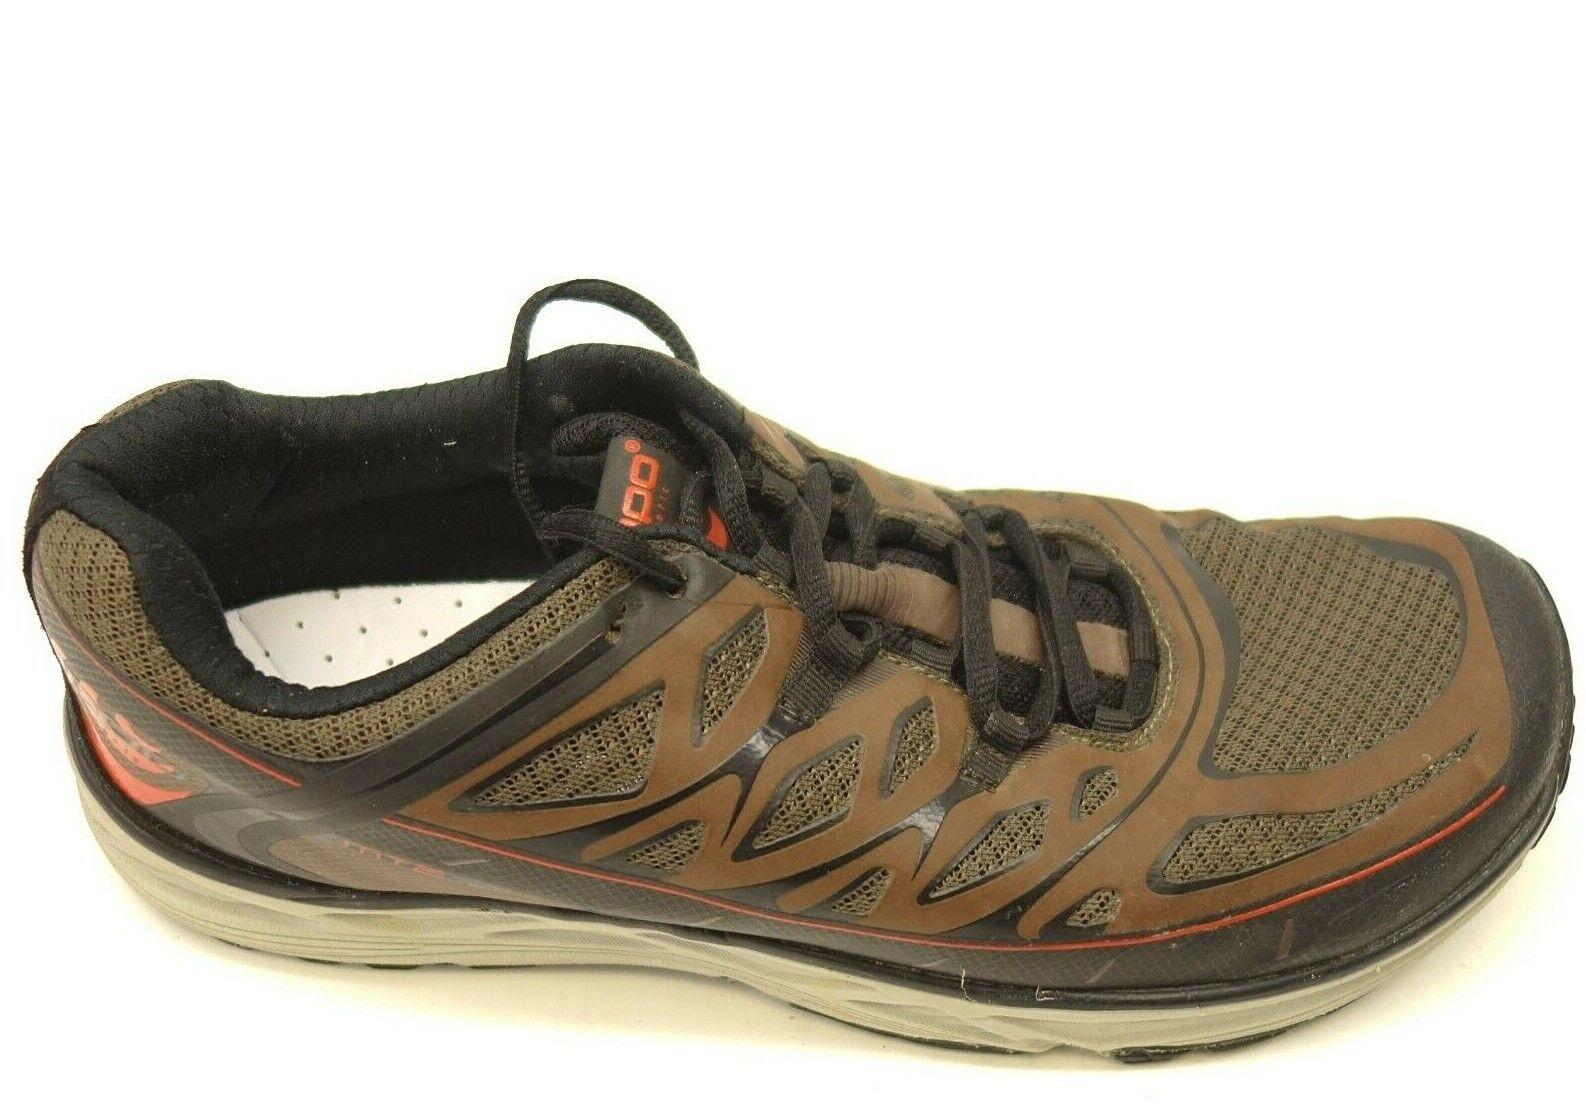 Topo MT 2 Marronee Sz  9.5 Athletic Road Running scarpe Trail Mens scarpe da ginnastica  tempo libero